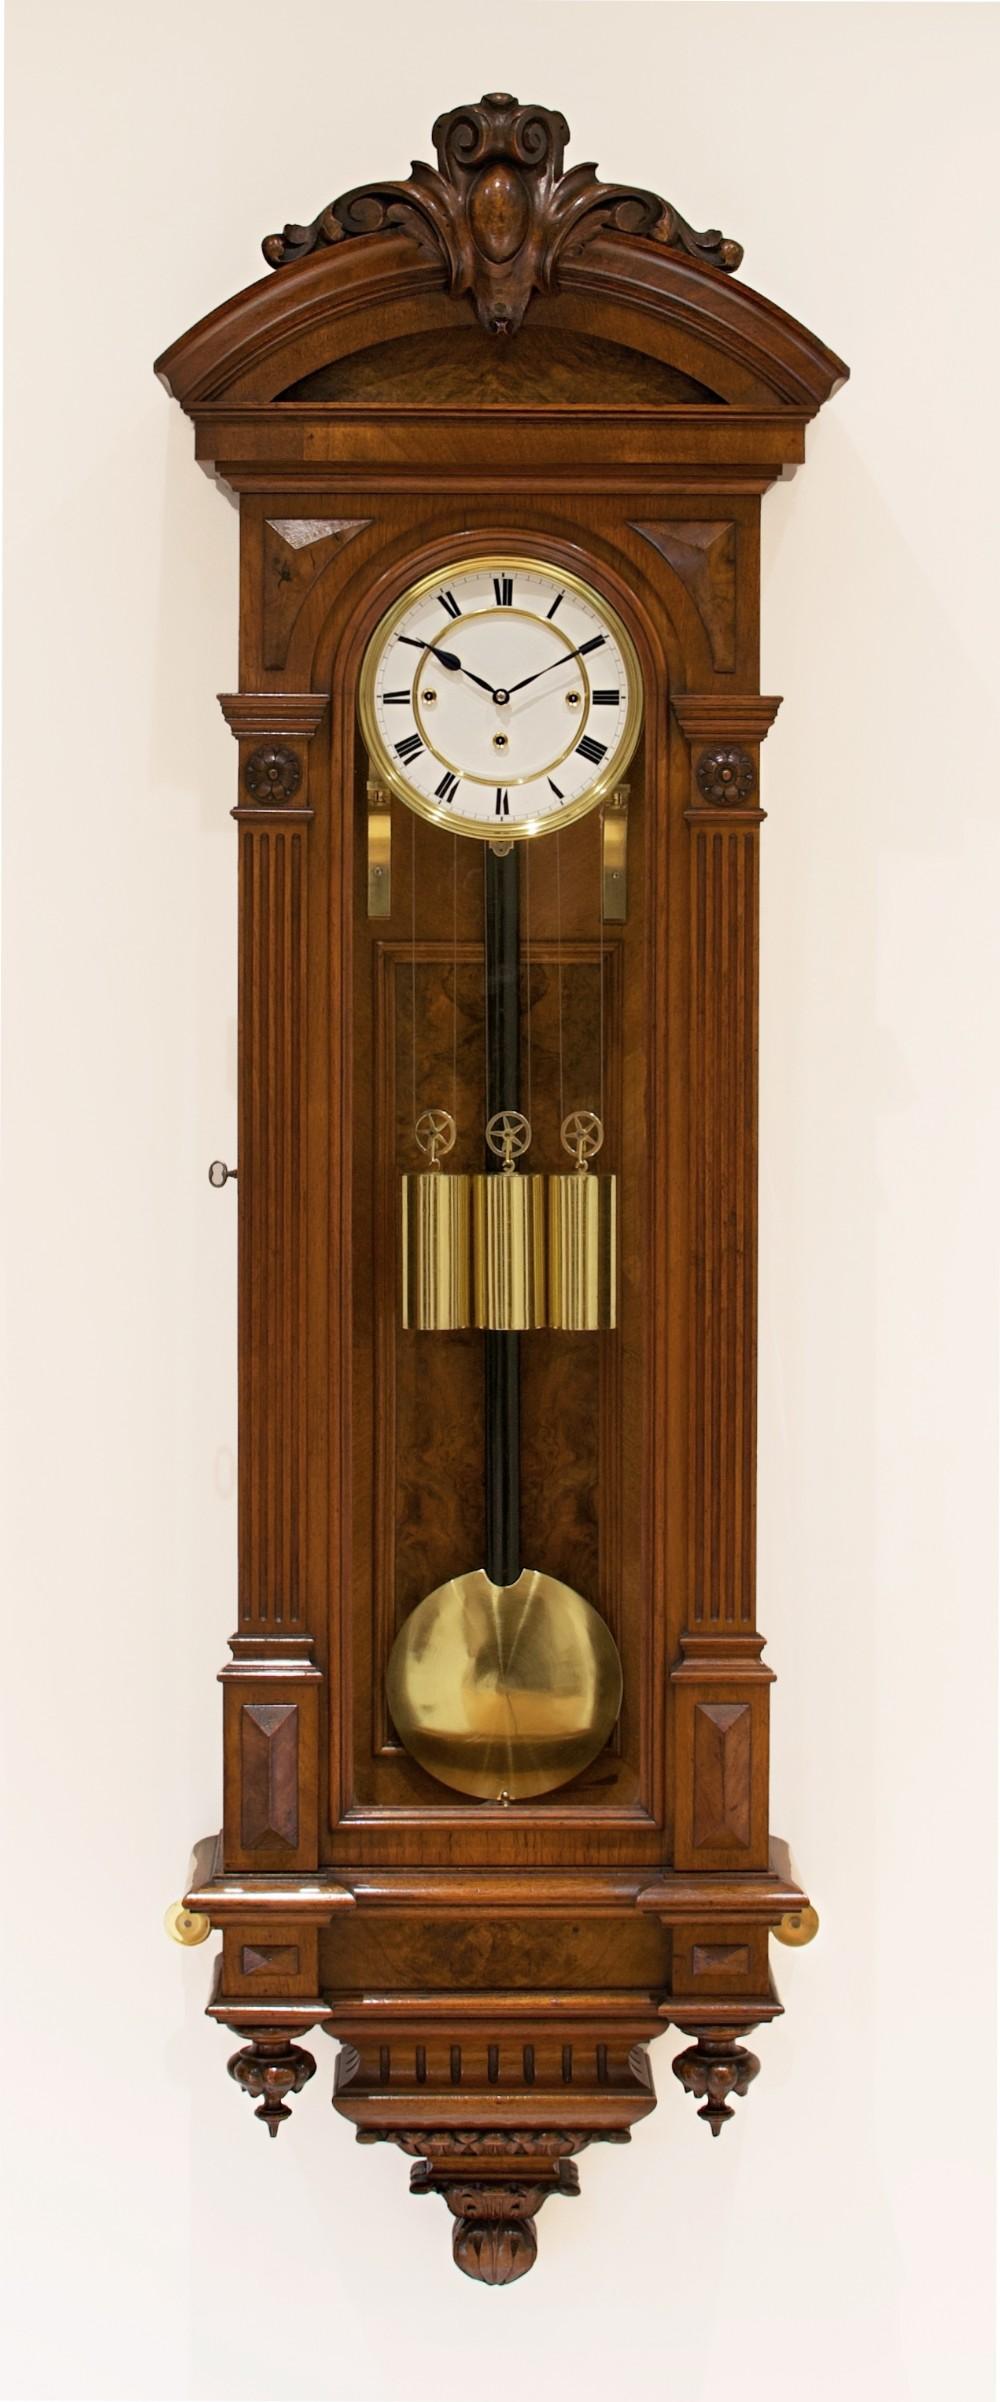 a fine quality altdeutsch vienna regulator wall clock circa 1875